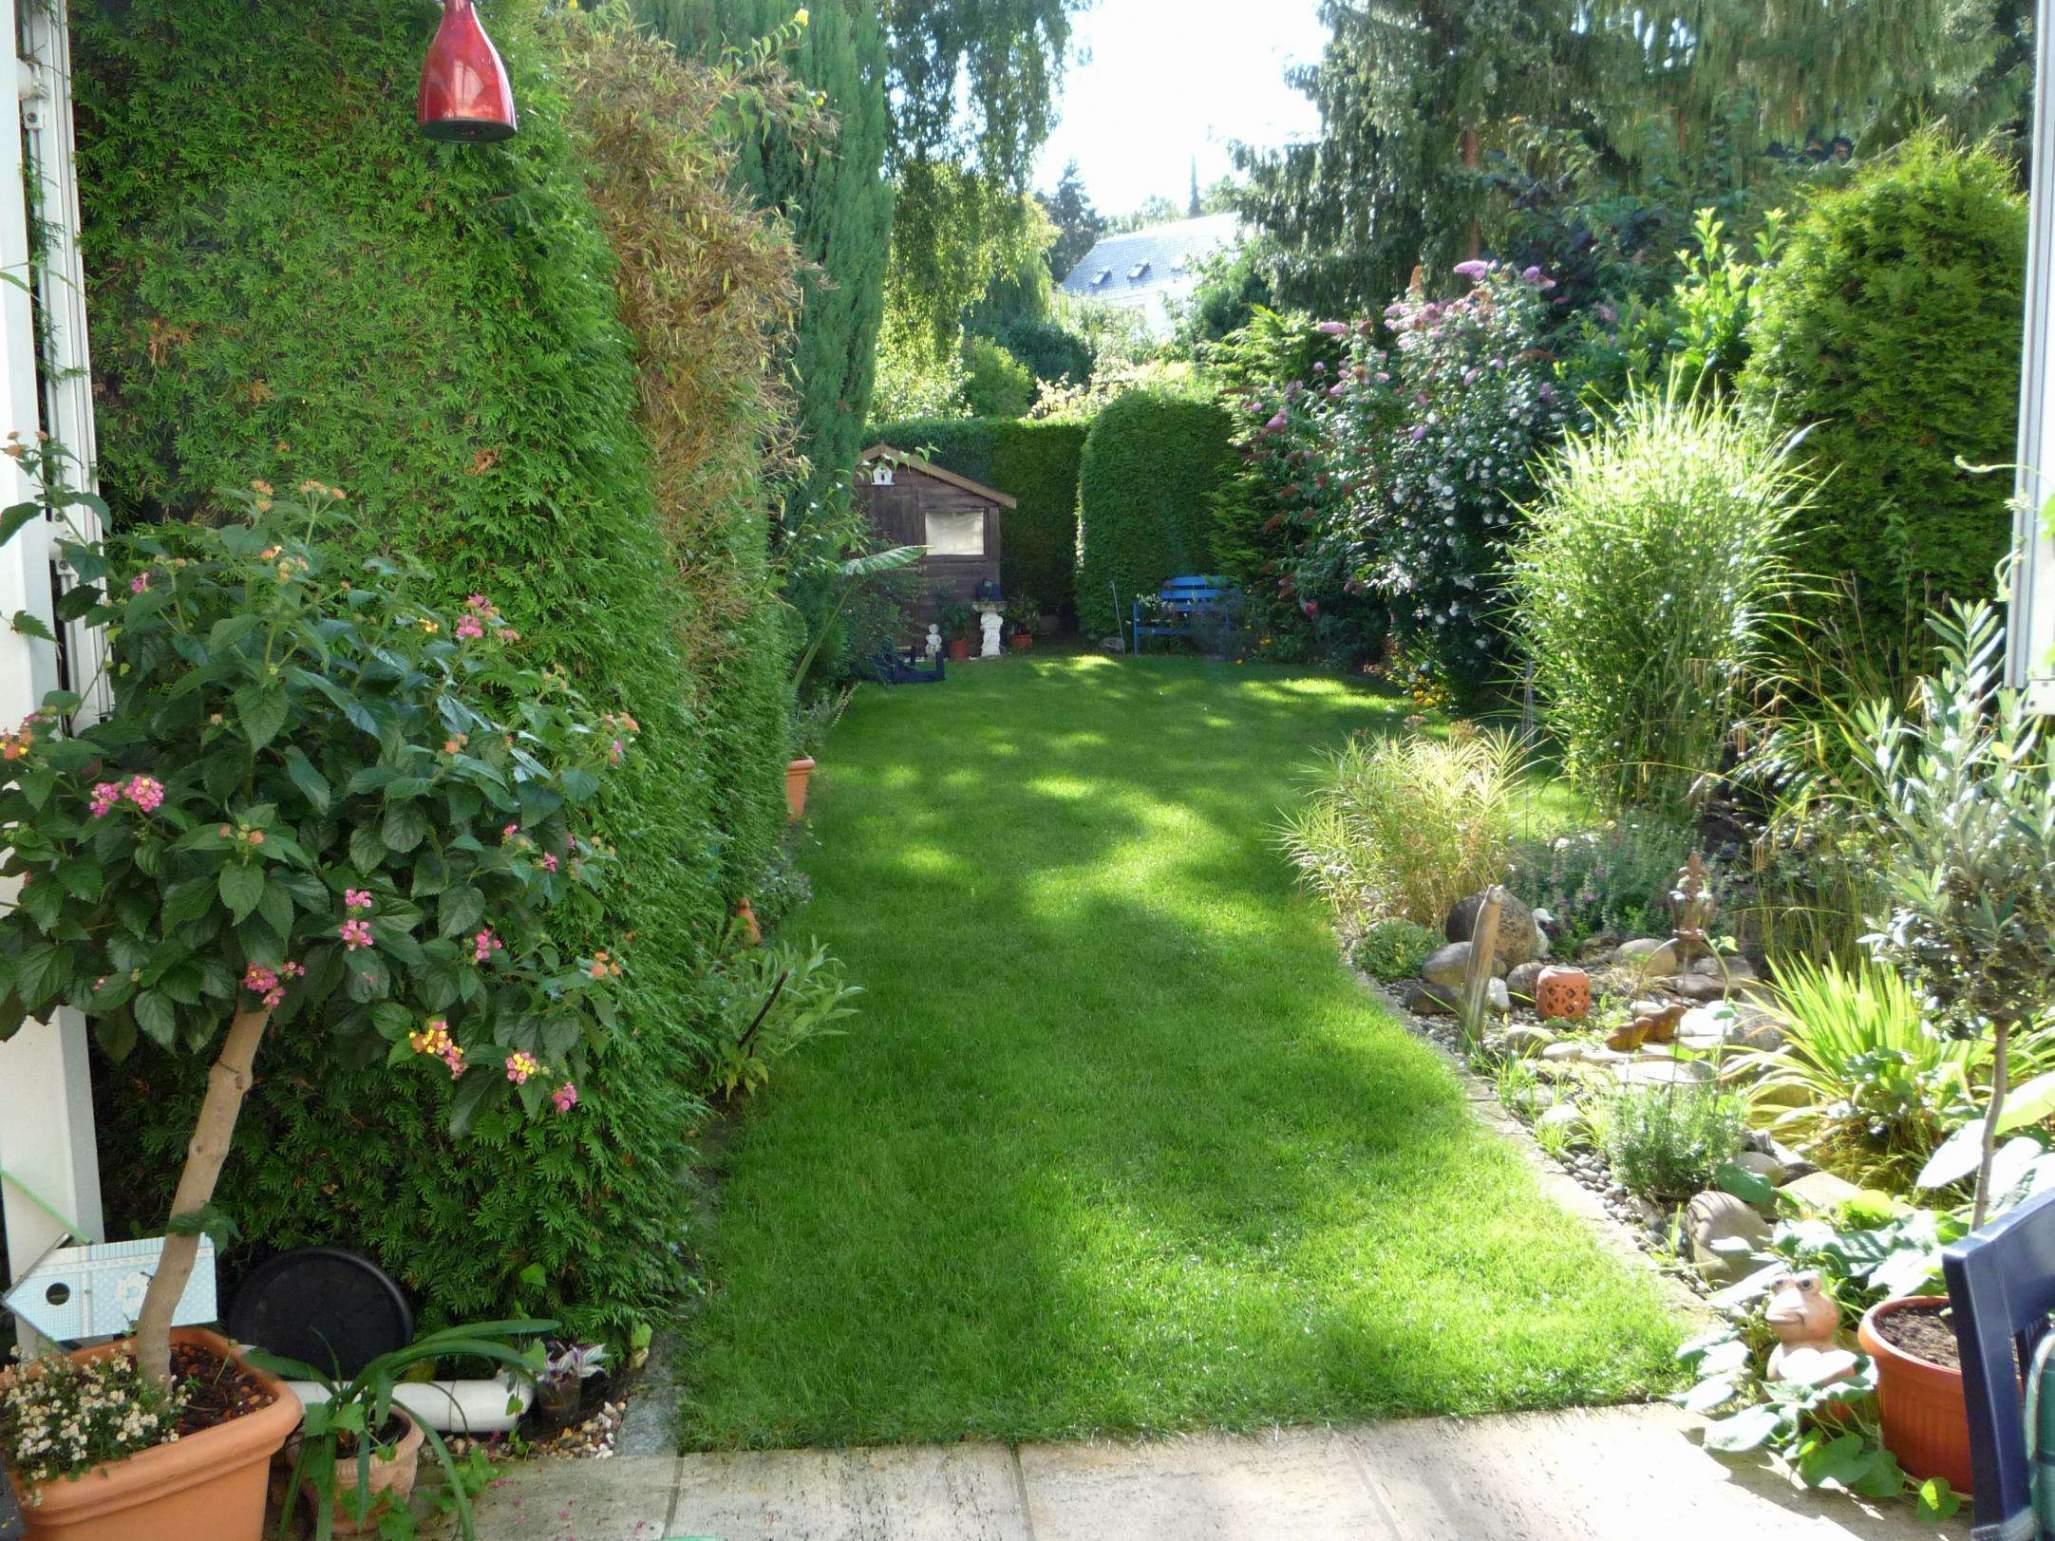 garten sichtschutz reizend pflanzen garten sichtschutz temobardz home blog of garten sichtschutz